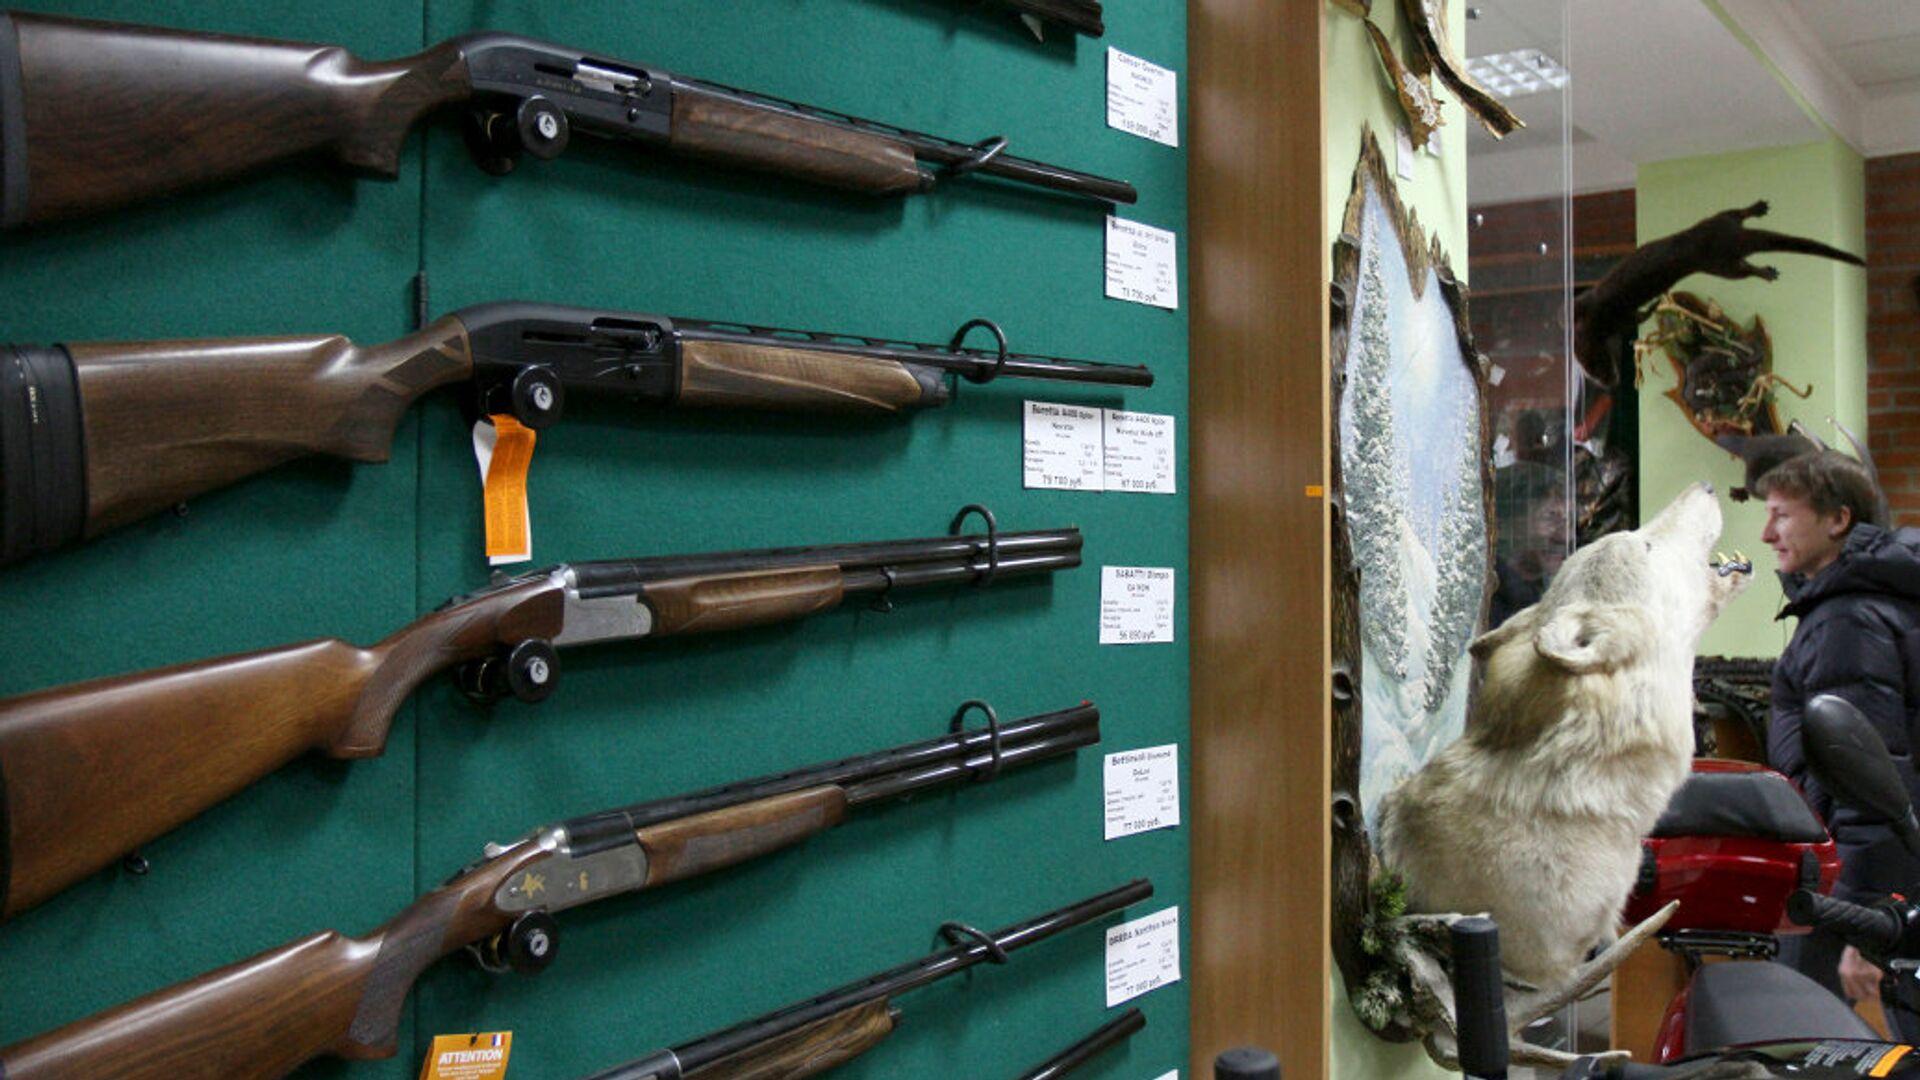 Образцы оружия на витрине оружейного магазина - РИА Новости, 1920, 17.05.2021